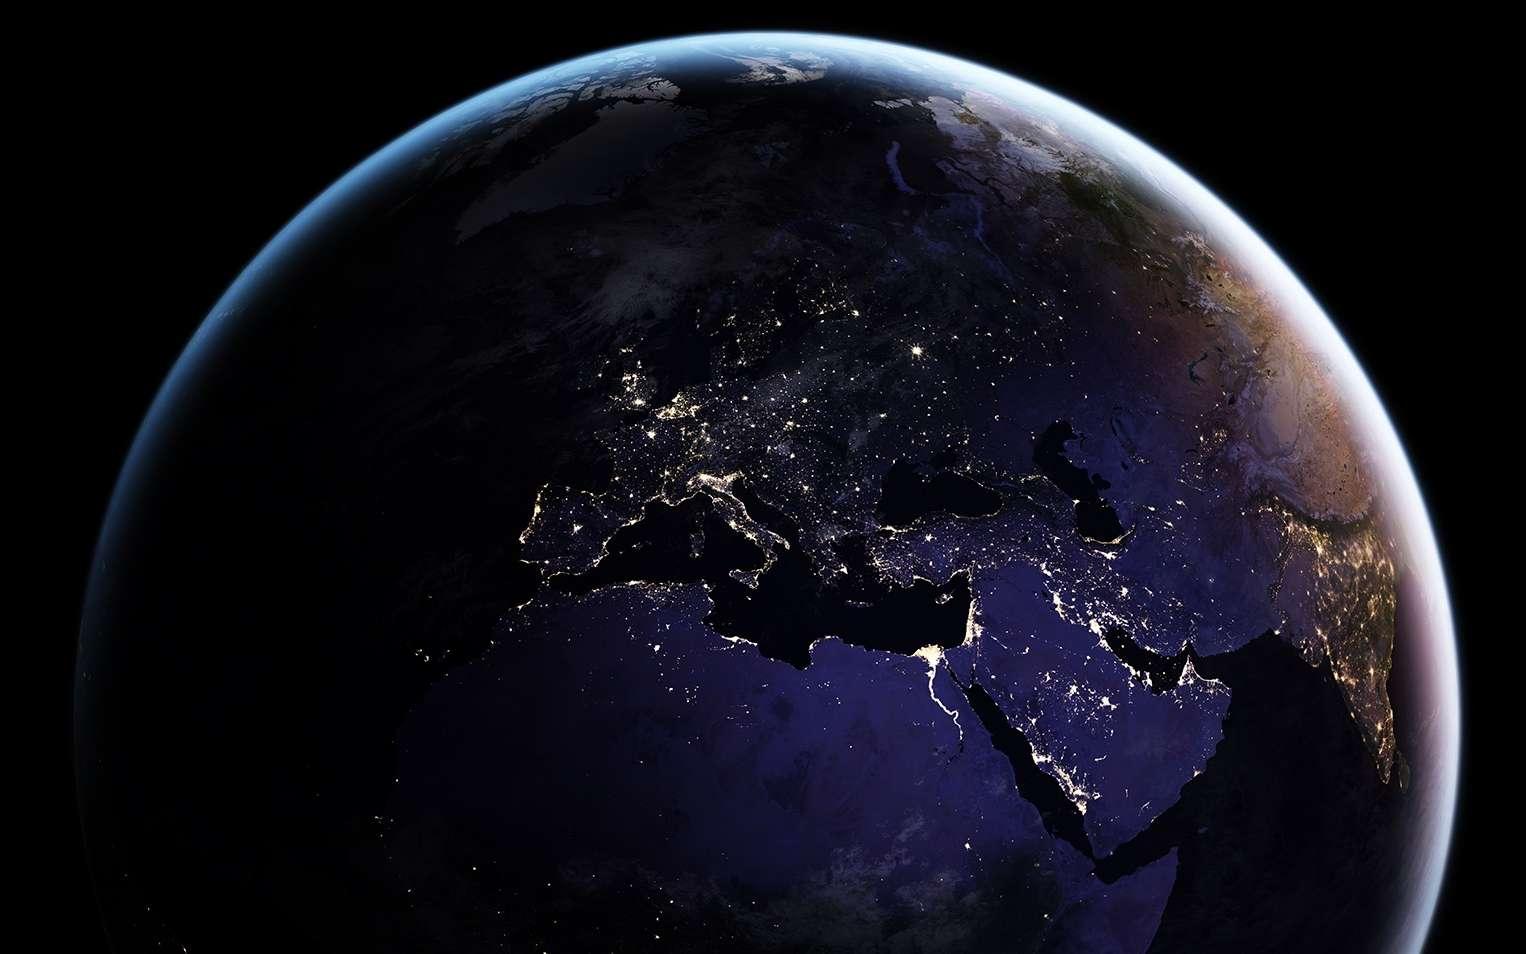 L'hémisphère nord possède une surface de 255 millions de km². Près de 100 millions de km² sont occupés par des terres émergées. © Nasa